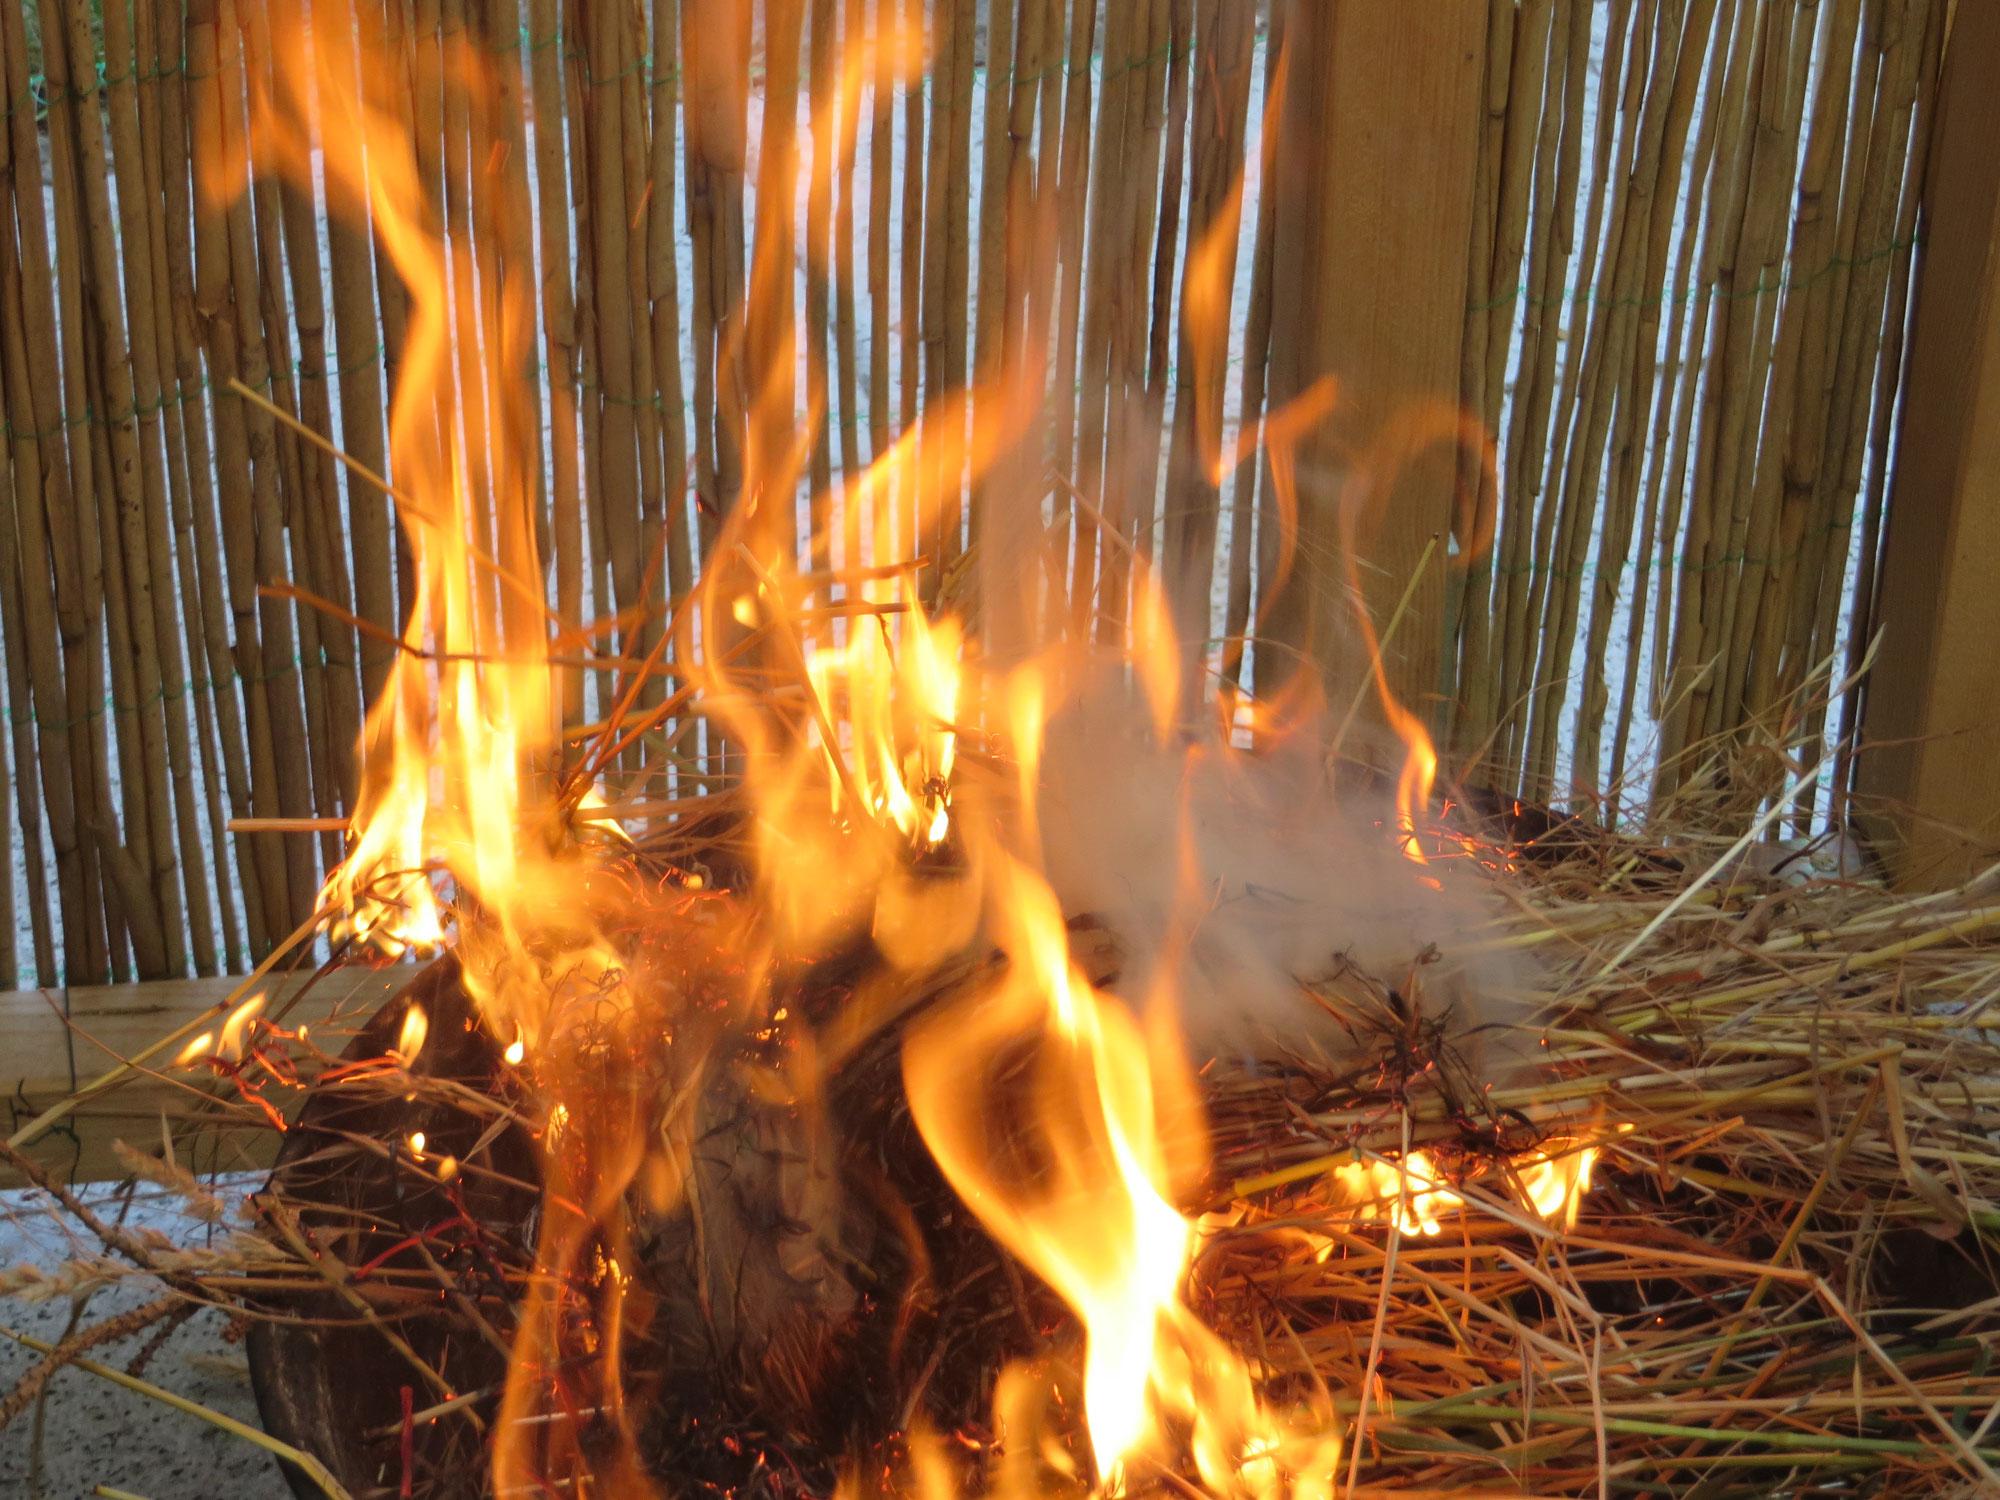 Lagerfeuerküche 09.05. SDW Mannheim findet nicht statt